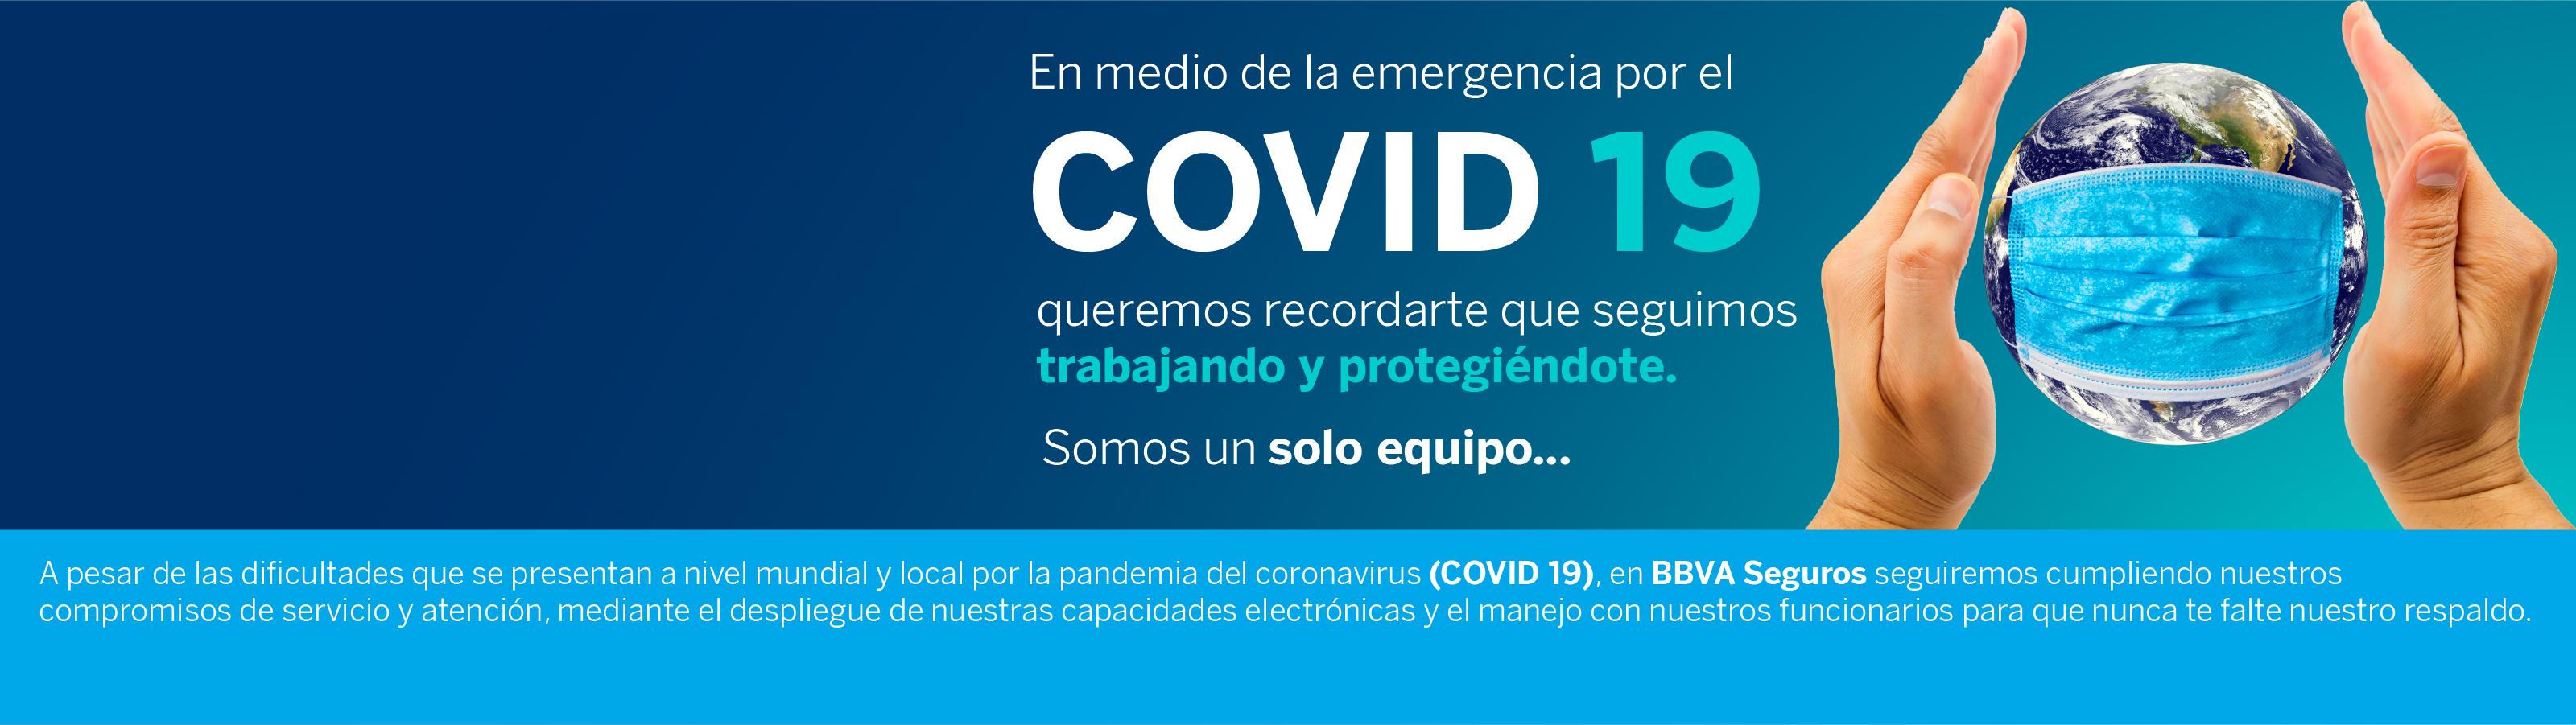 Seguimos contigo protegiéndote durante esta pandemia. Ante cualquier solicitud o requerimiento puedes comunicarte con nuestras líneas de atención al cliente